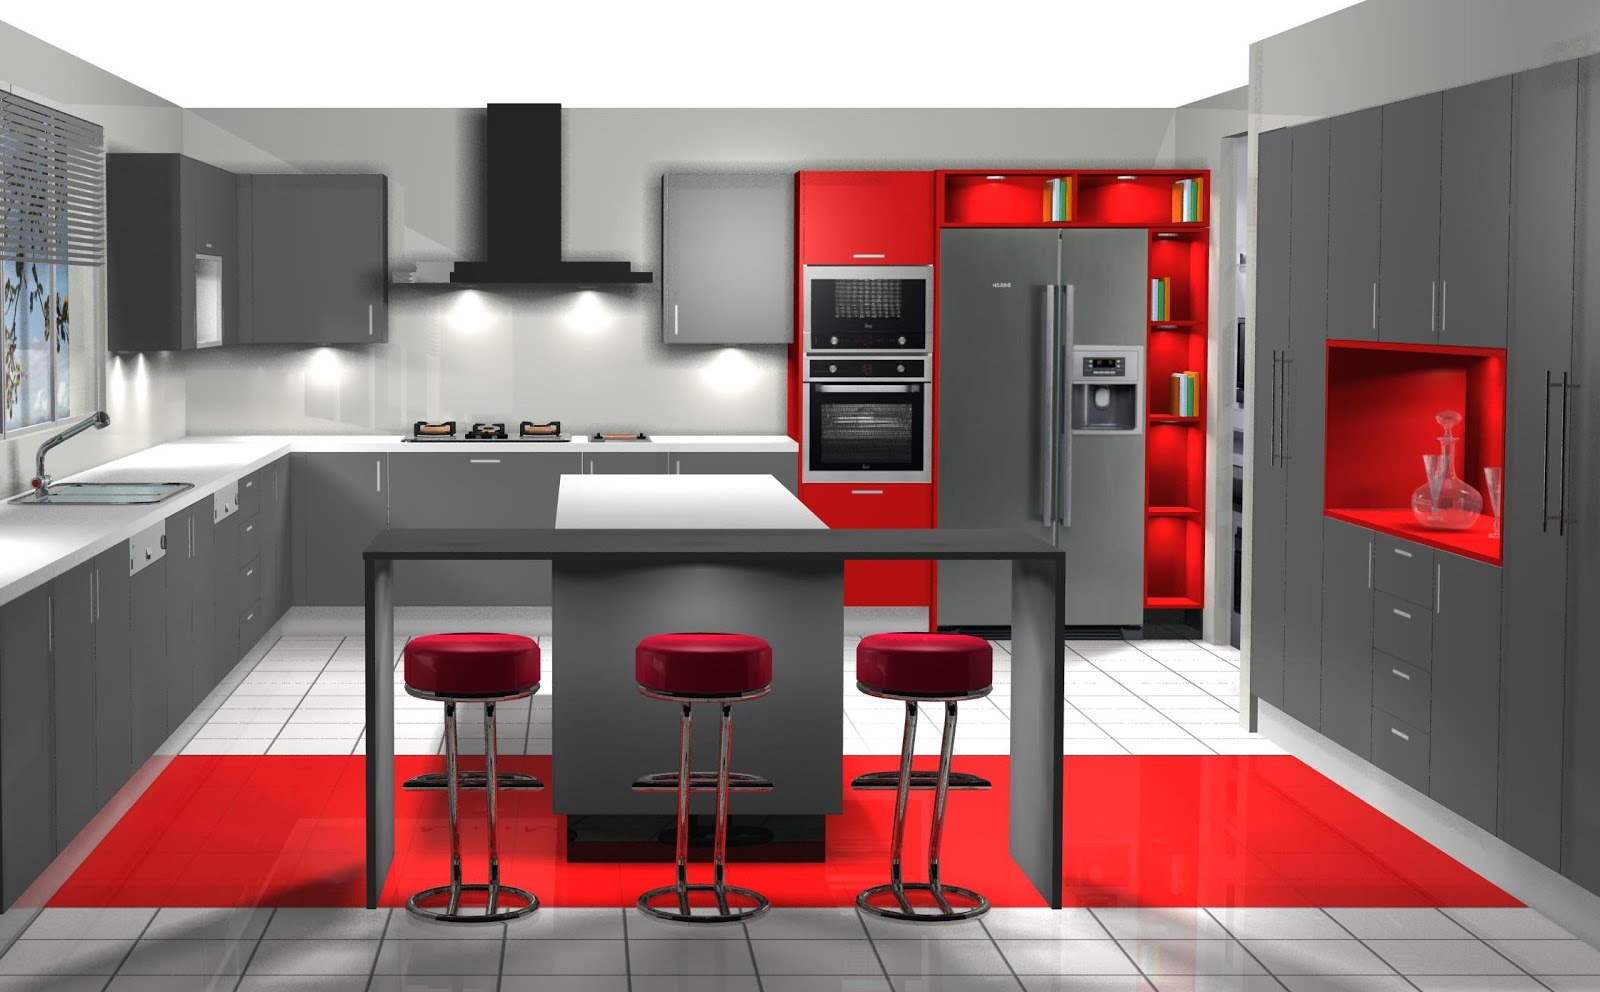 Dise o muebles de cocina dise o de cocina comedor en madera for Cocinas en hiraoka 2016